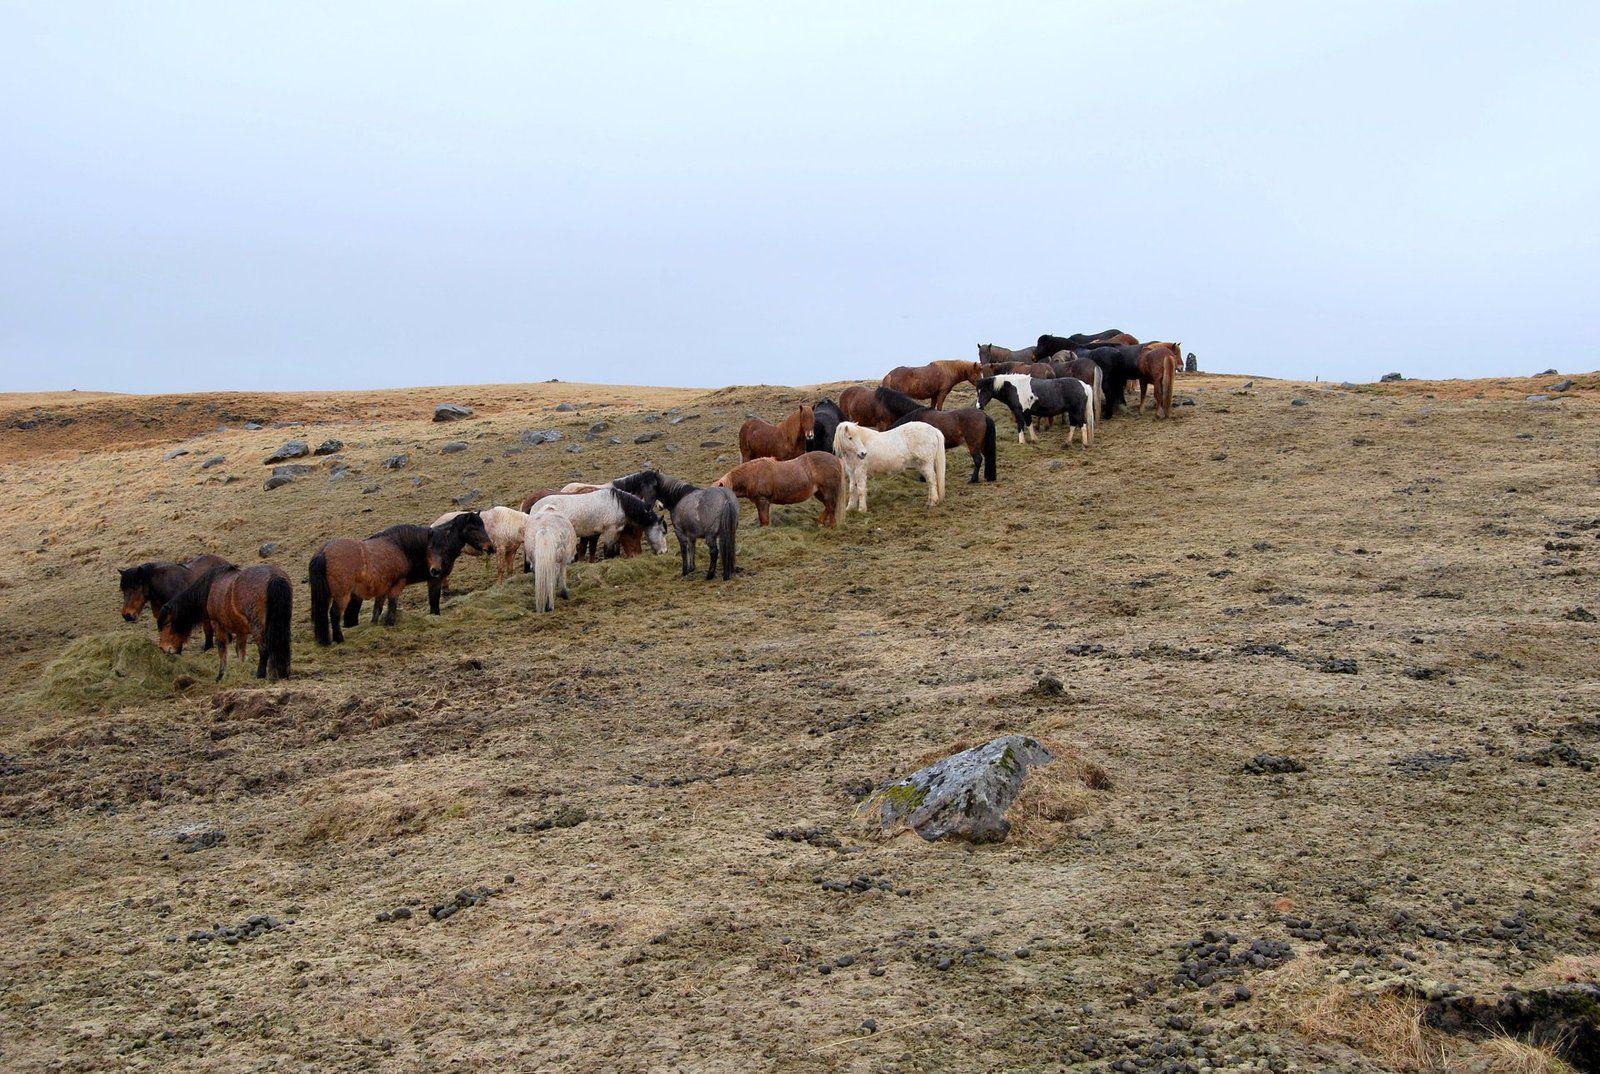 La race de chevaux islandais est considérée comme la plus pure. Ils sont arrivés sur l'île il y a plus de mille ans et n'ont jamais été croisés